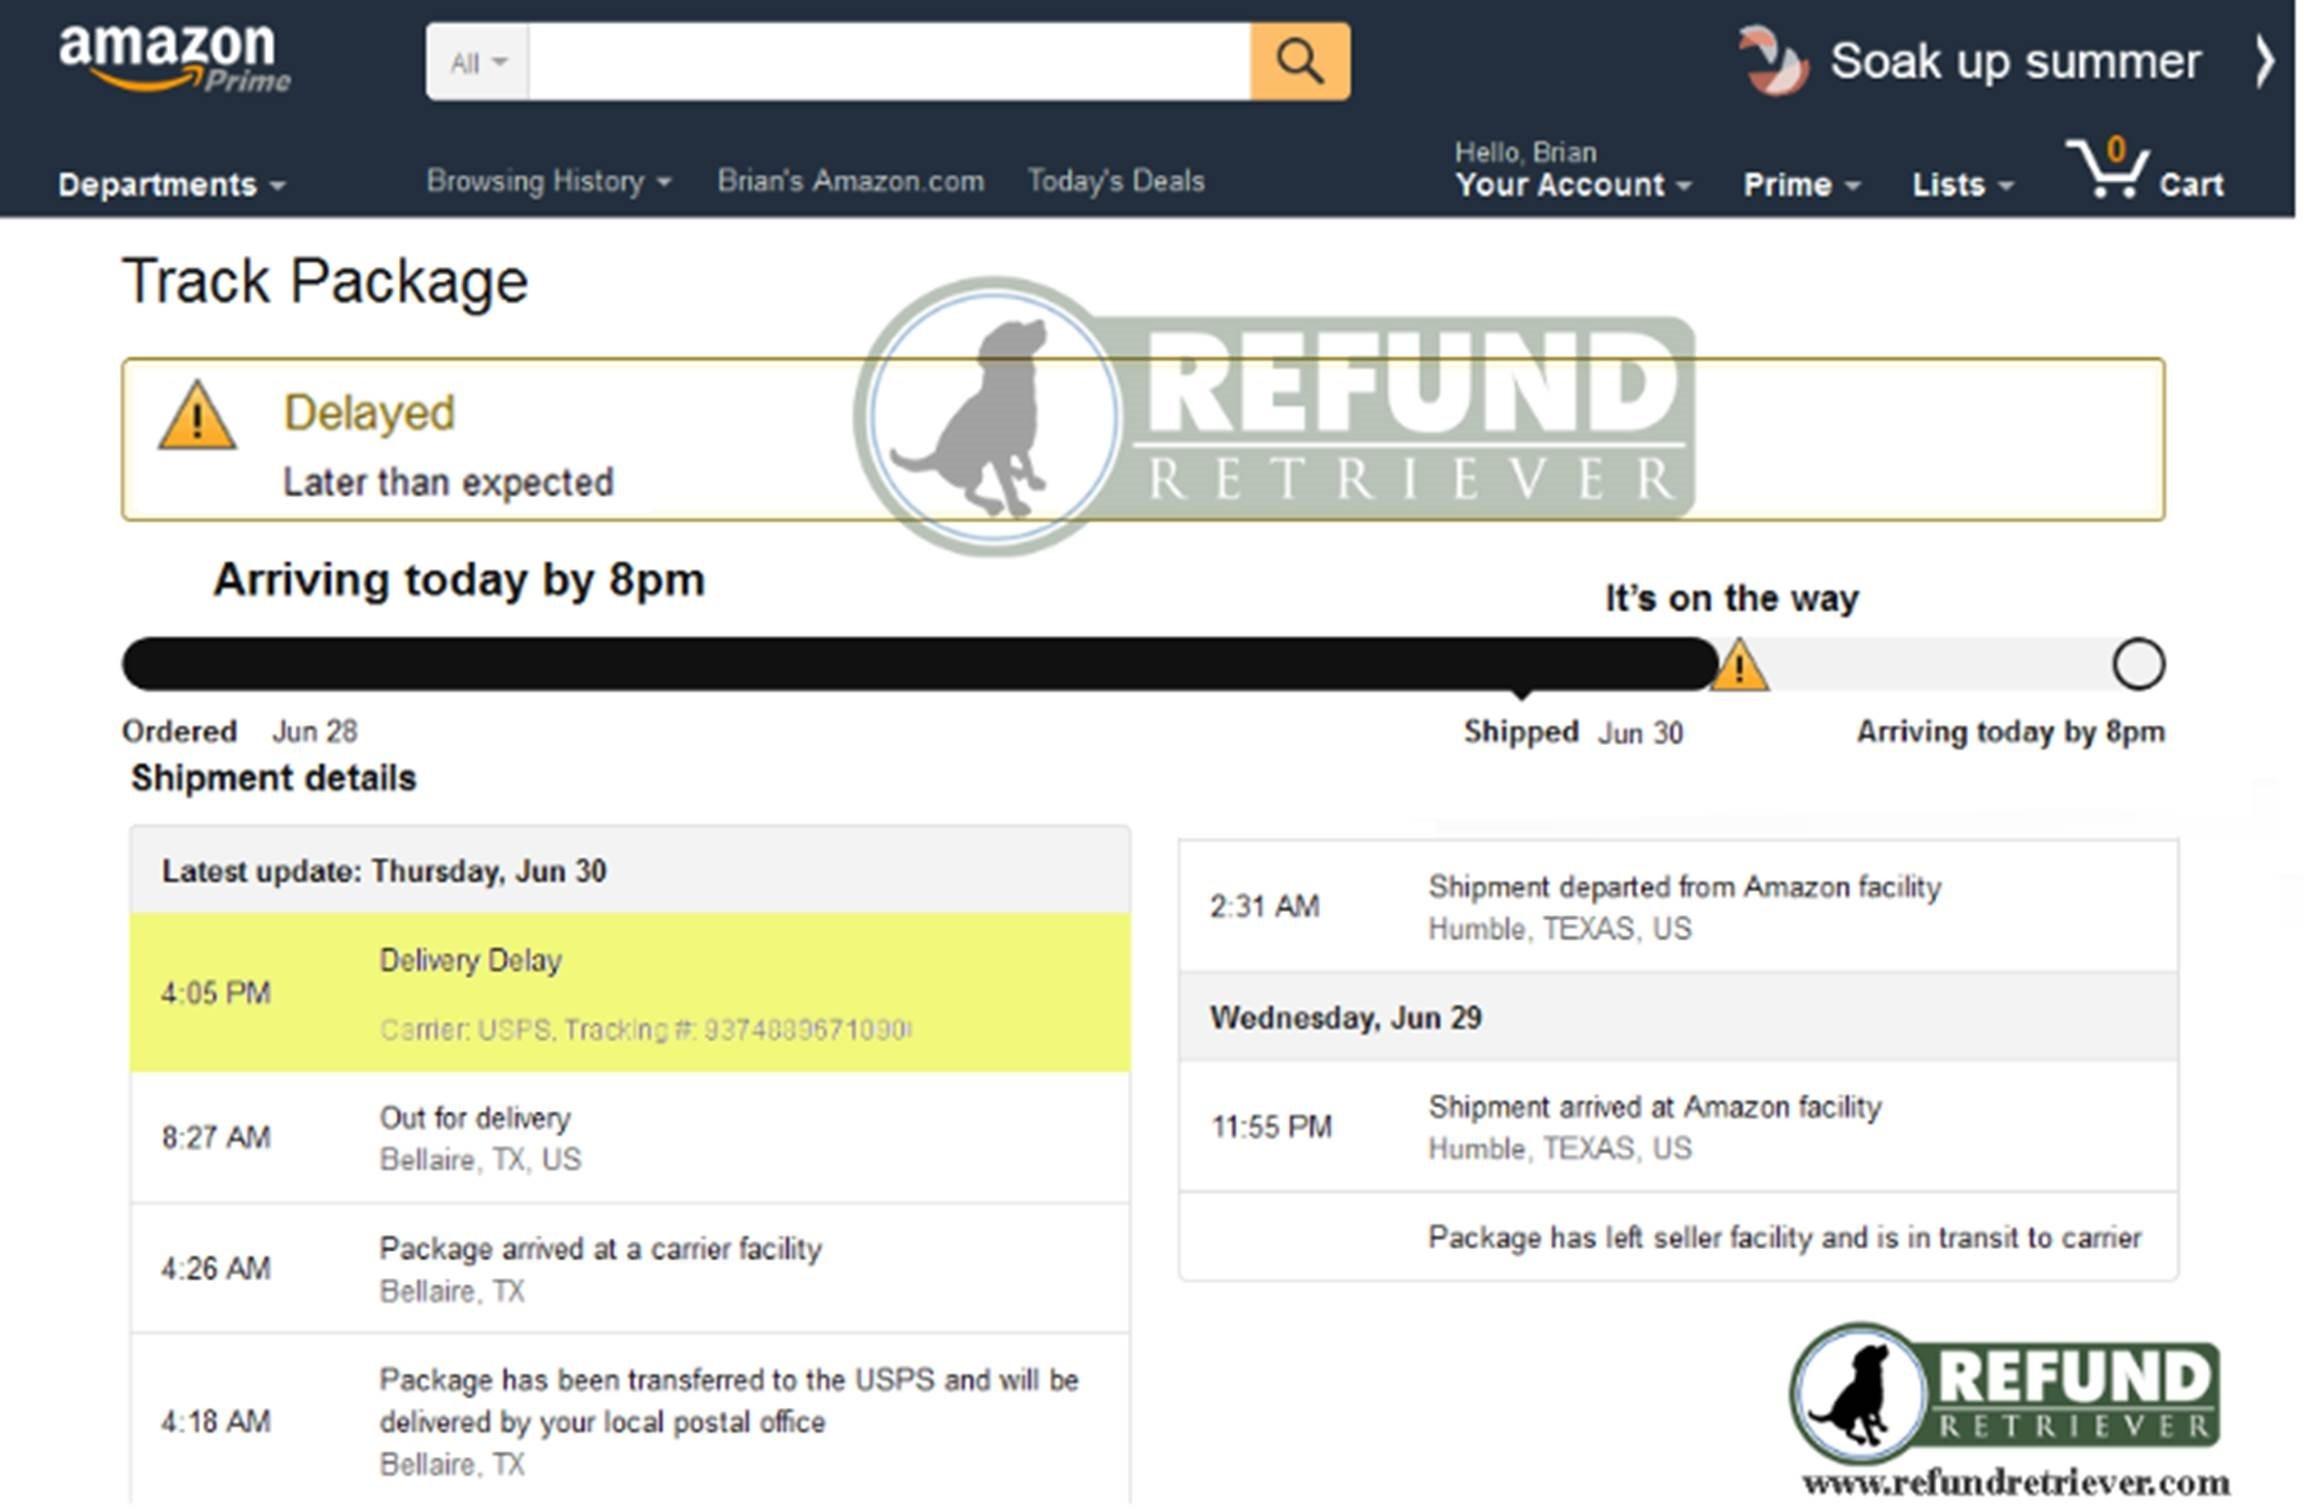 Amazon Customer Service, Customer Satisfaction, Customer Delight, Retaining Customers